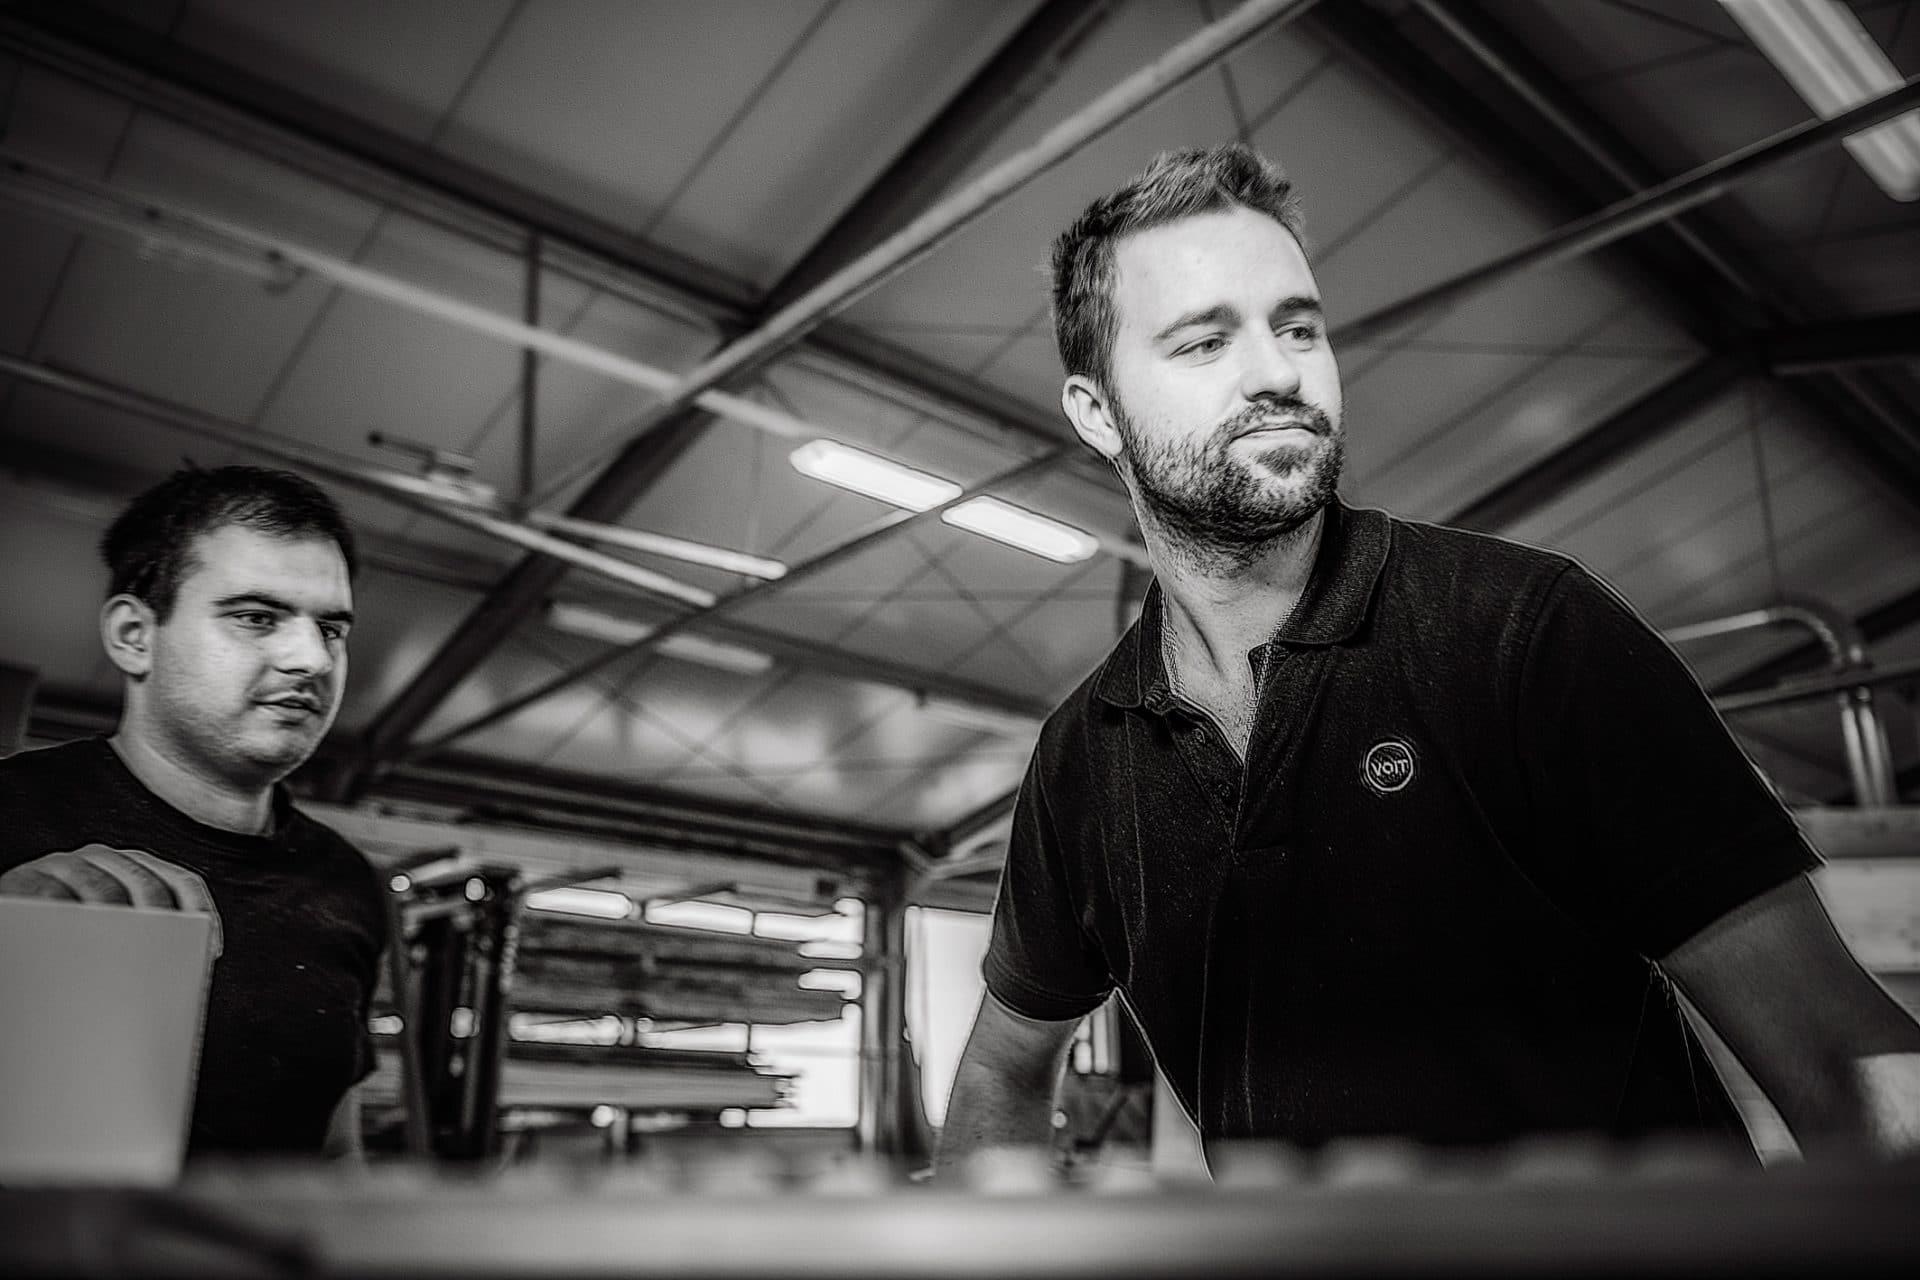 Zwei Schreiner planen die nächsten Fertigungsschritte an einer Maschine in der Schreinerei VOIT - Schwarz-weiß Bild